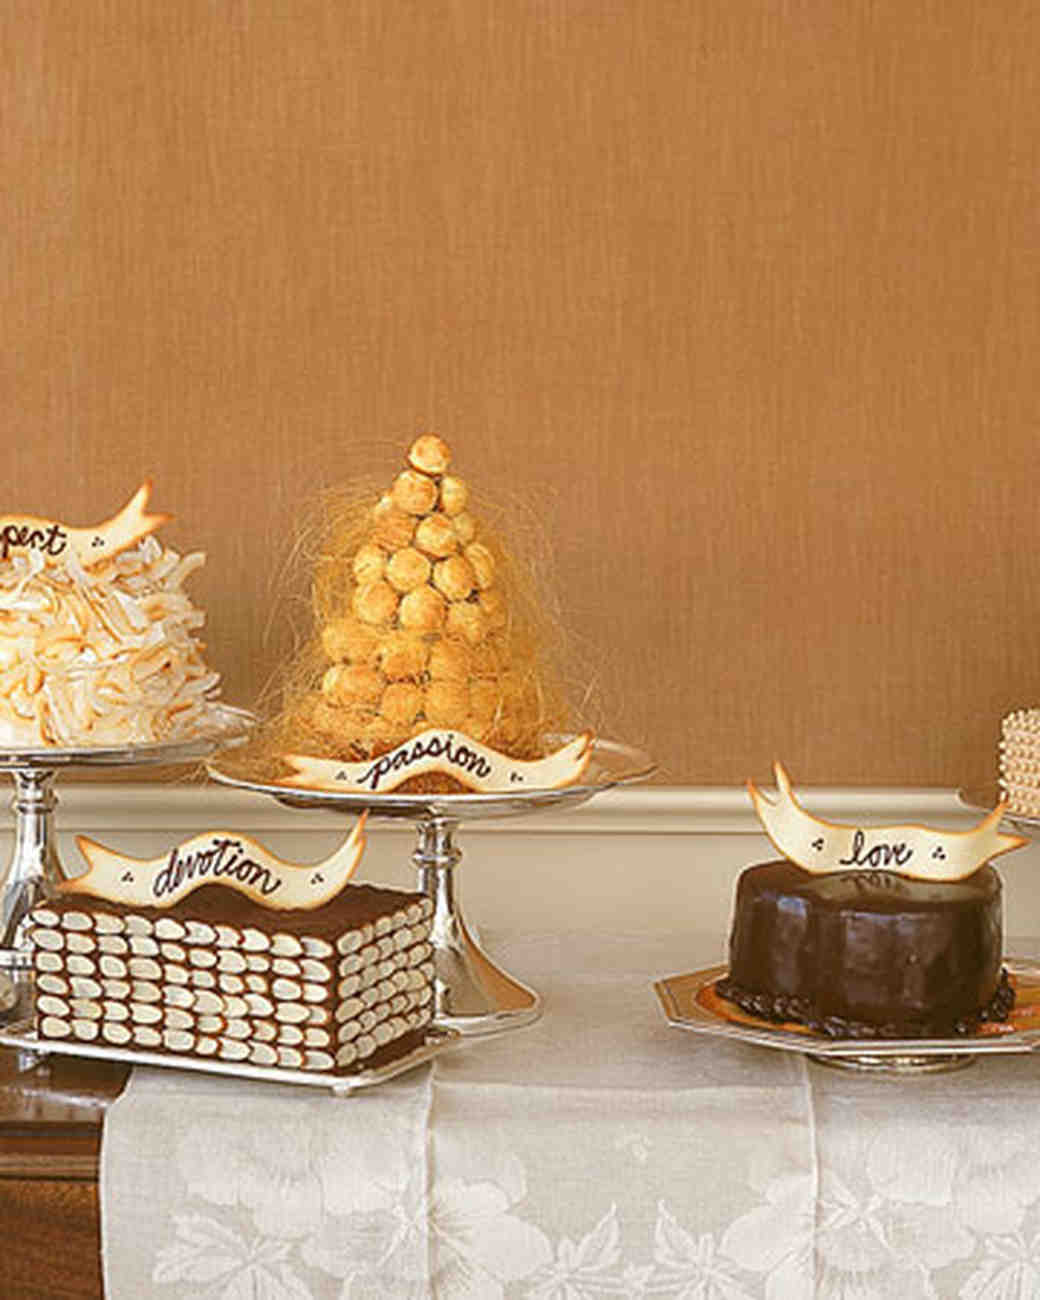 Almond Wedding Cake Recipe Martha Stewart  Five Little Cakes Three Tiered Brown Sugar Pound Cake